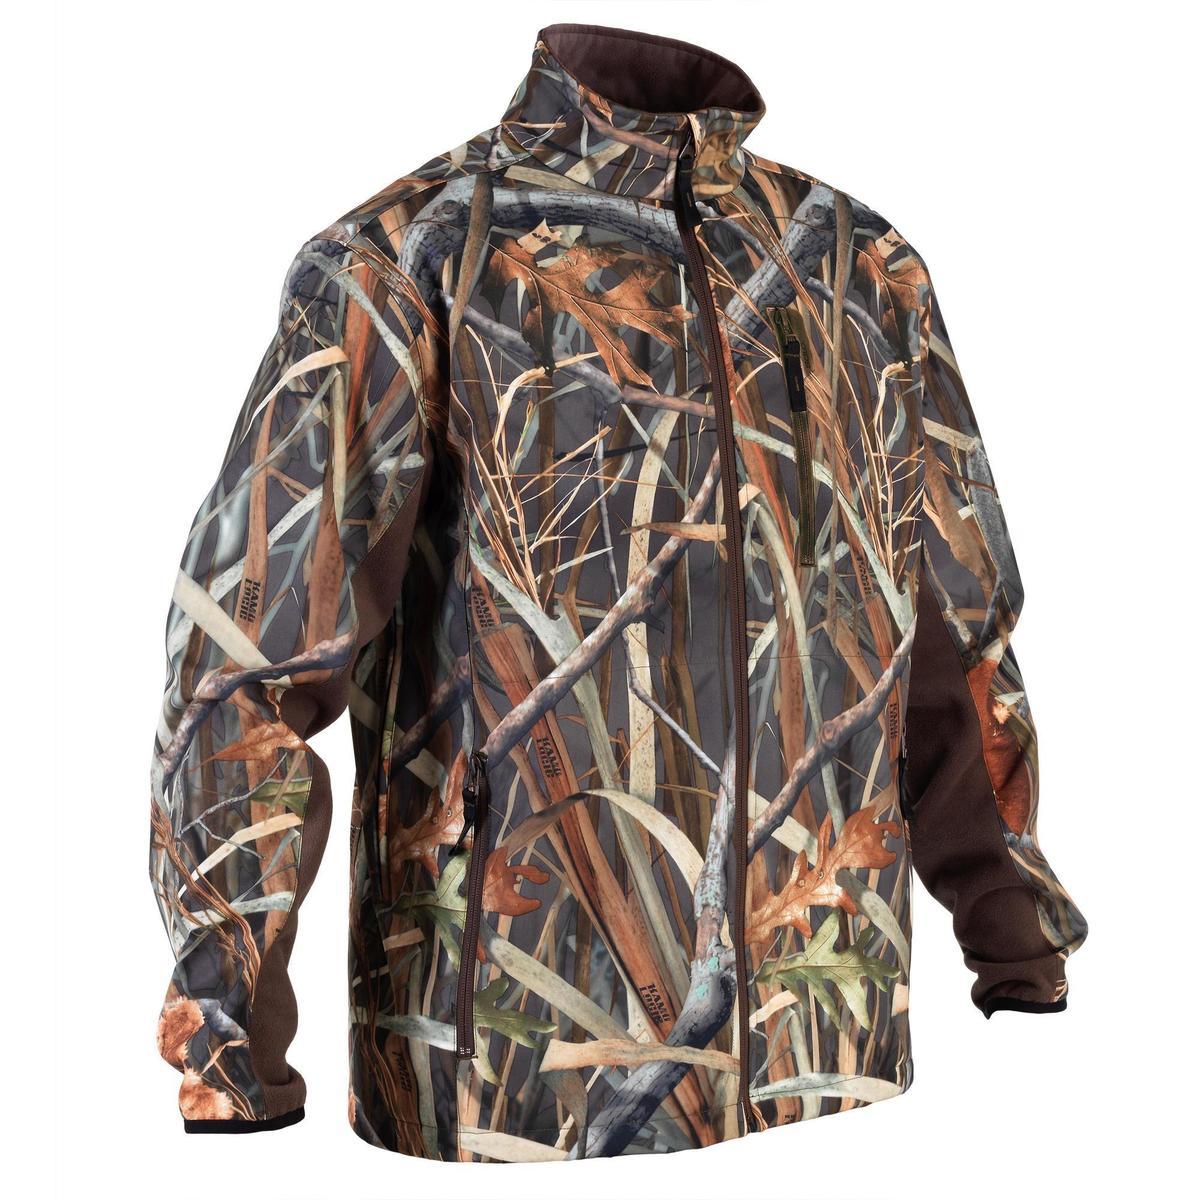 Bild 1 von Jagd-Softshelljacke 500 Duck Camouflage Schilf